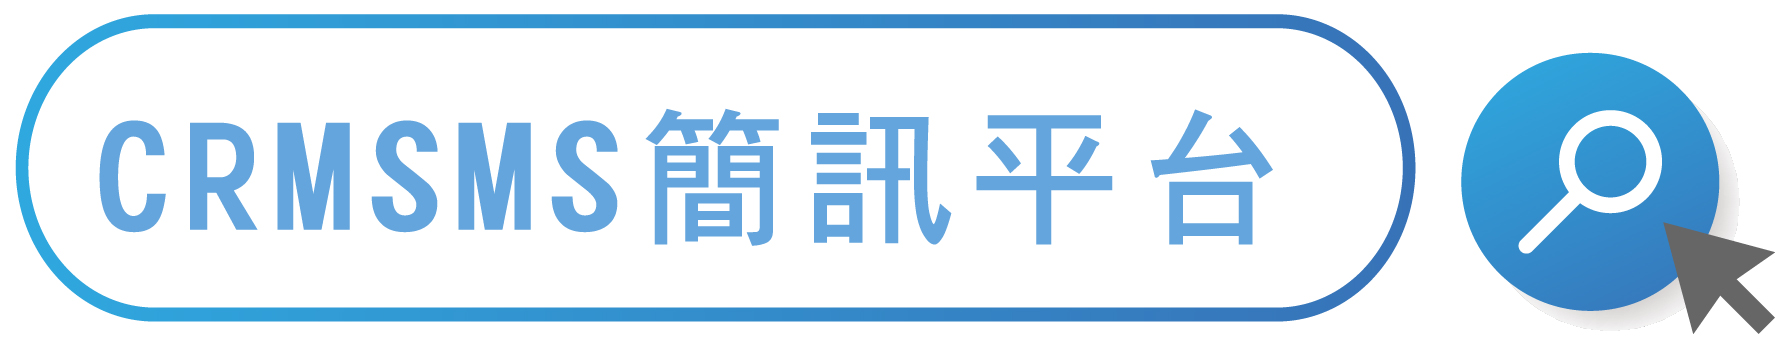 搜客大聯盟-文字簡訊廣告